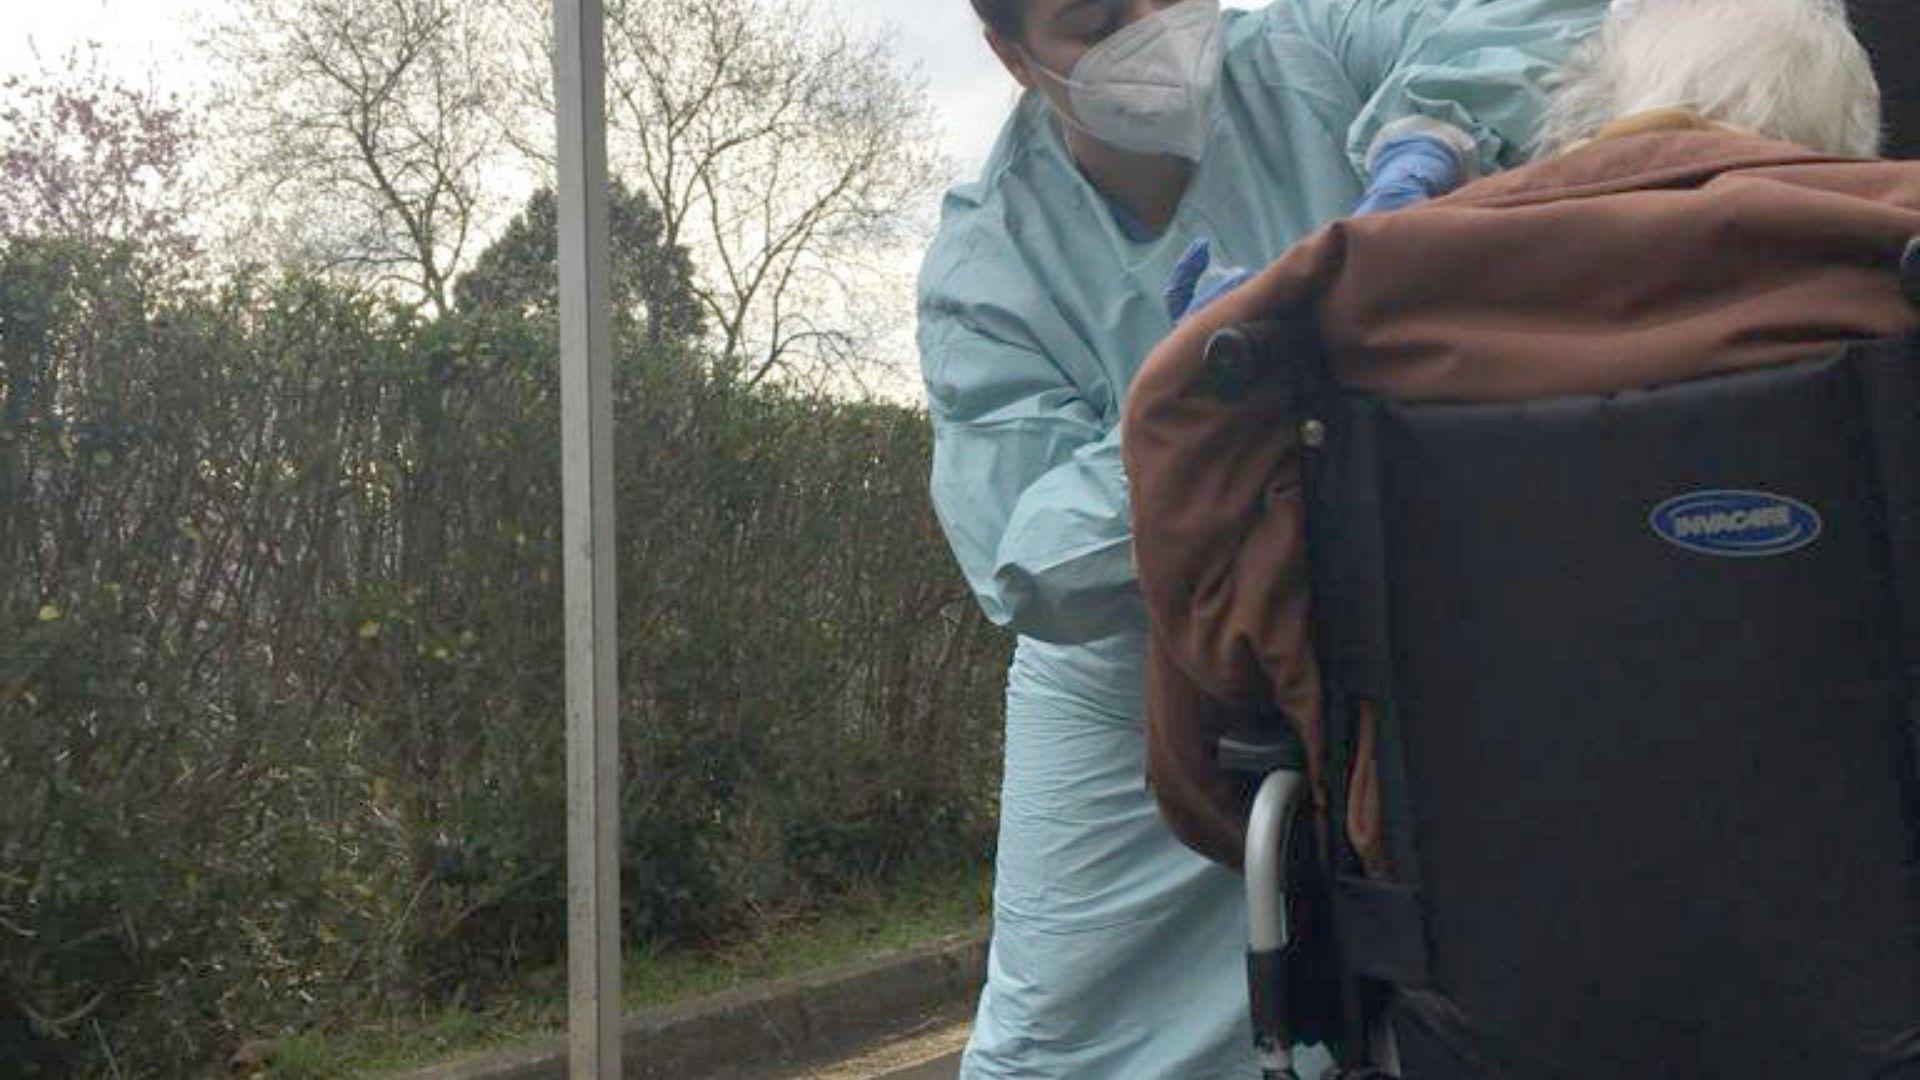 asturias vacunas.Vacunación de una gran dependiente en el AutoVac del Hospital Naranco, en Oviedo